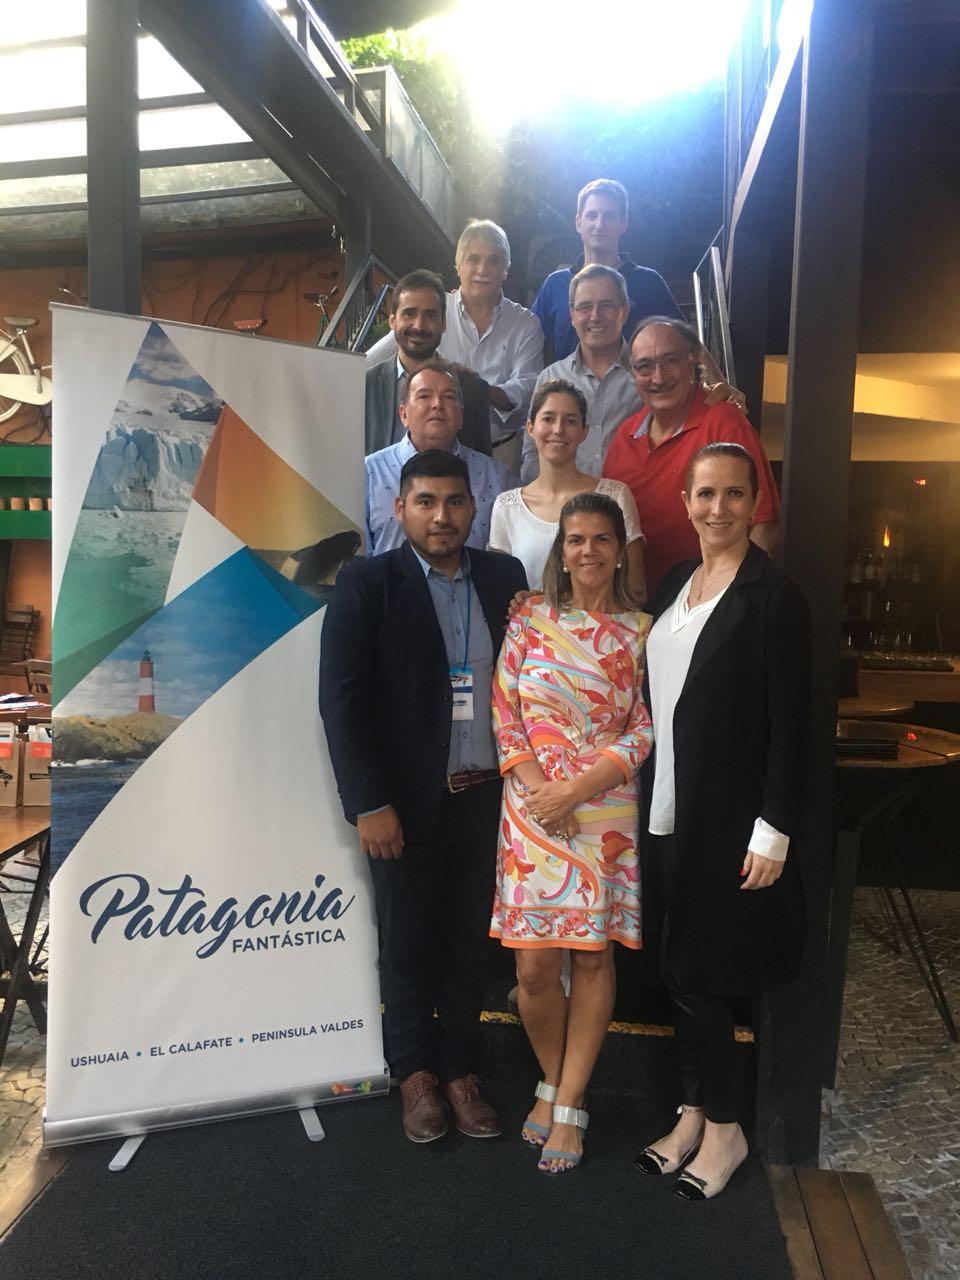 Secretários de turismo das diversas regiões da Patagônia Argentina estiveram em Belo Horizonte para apresentar as novidades do destino